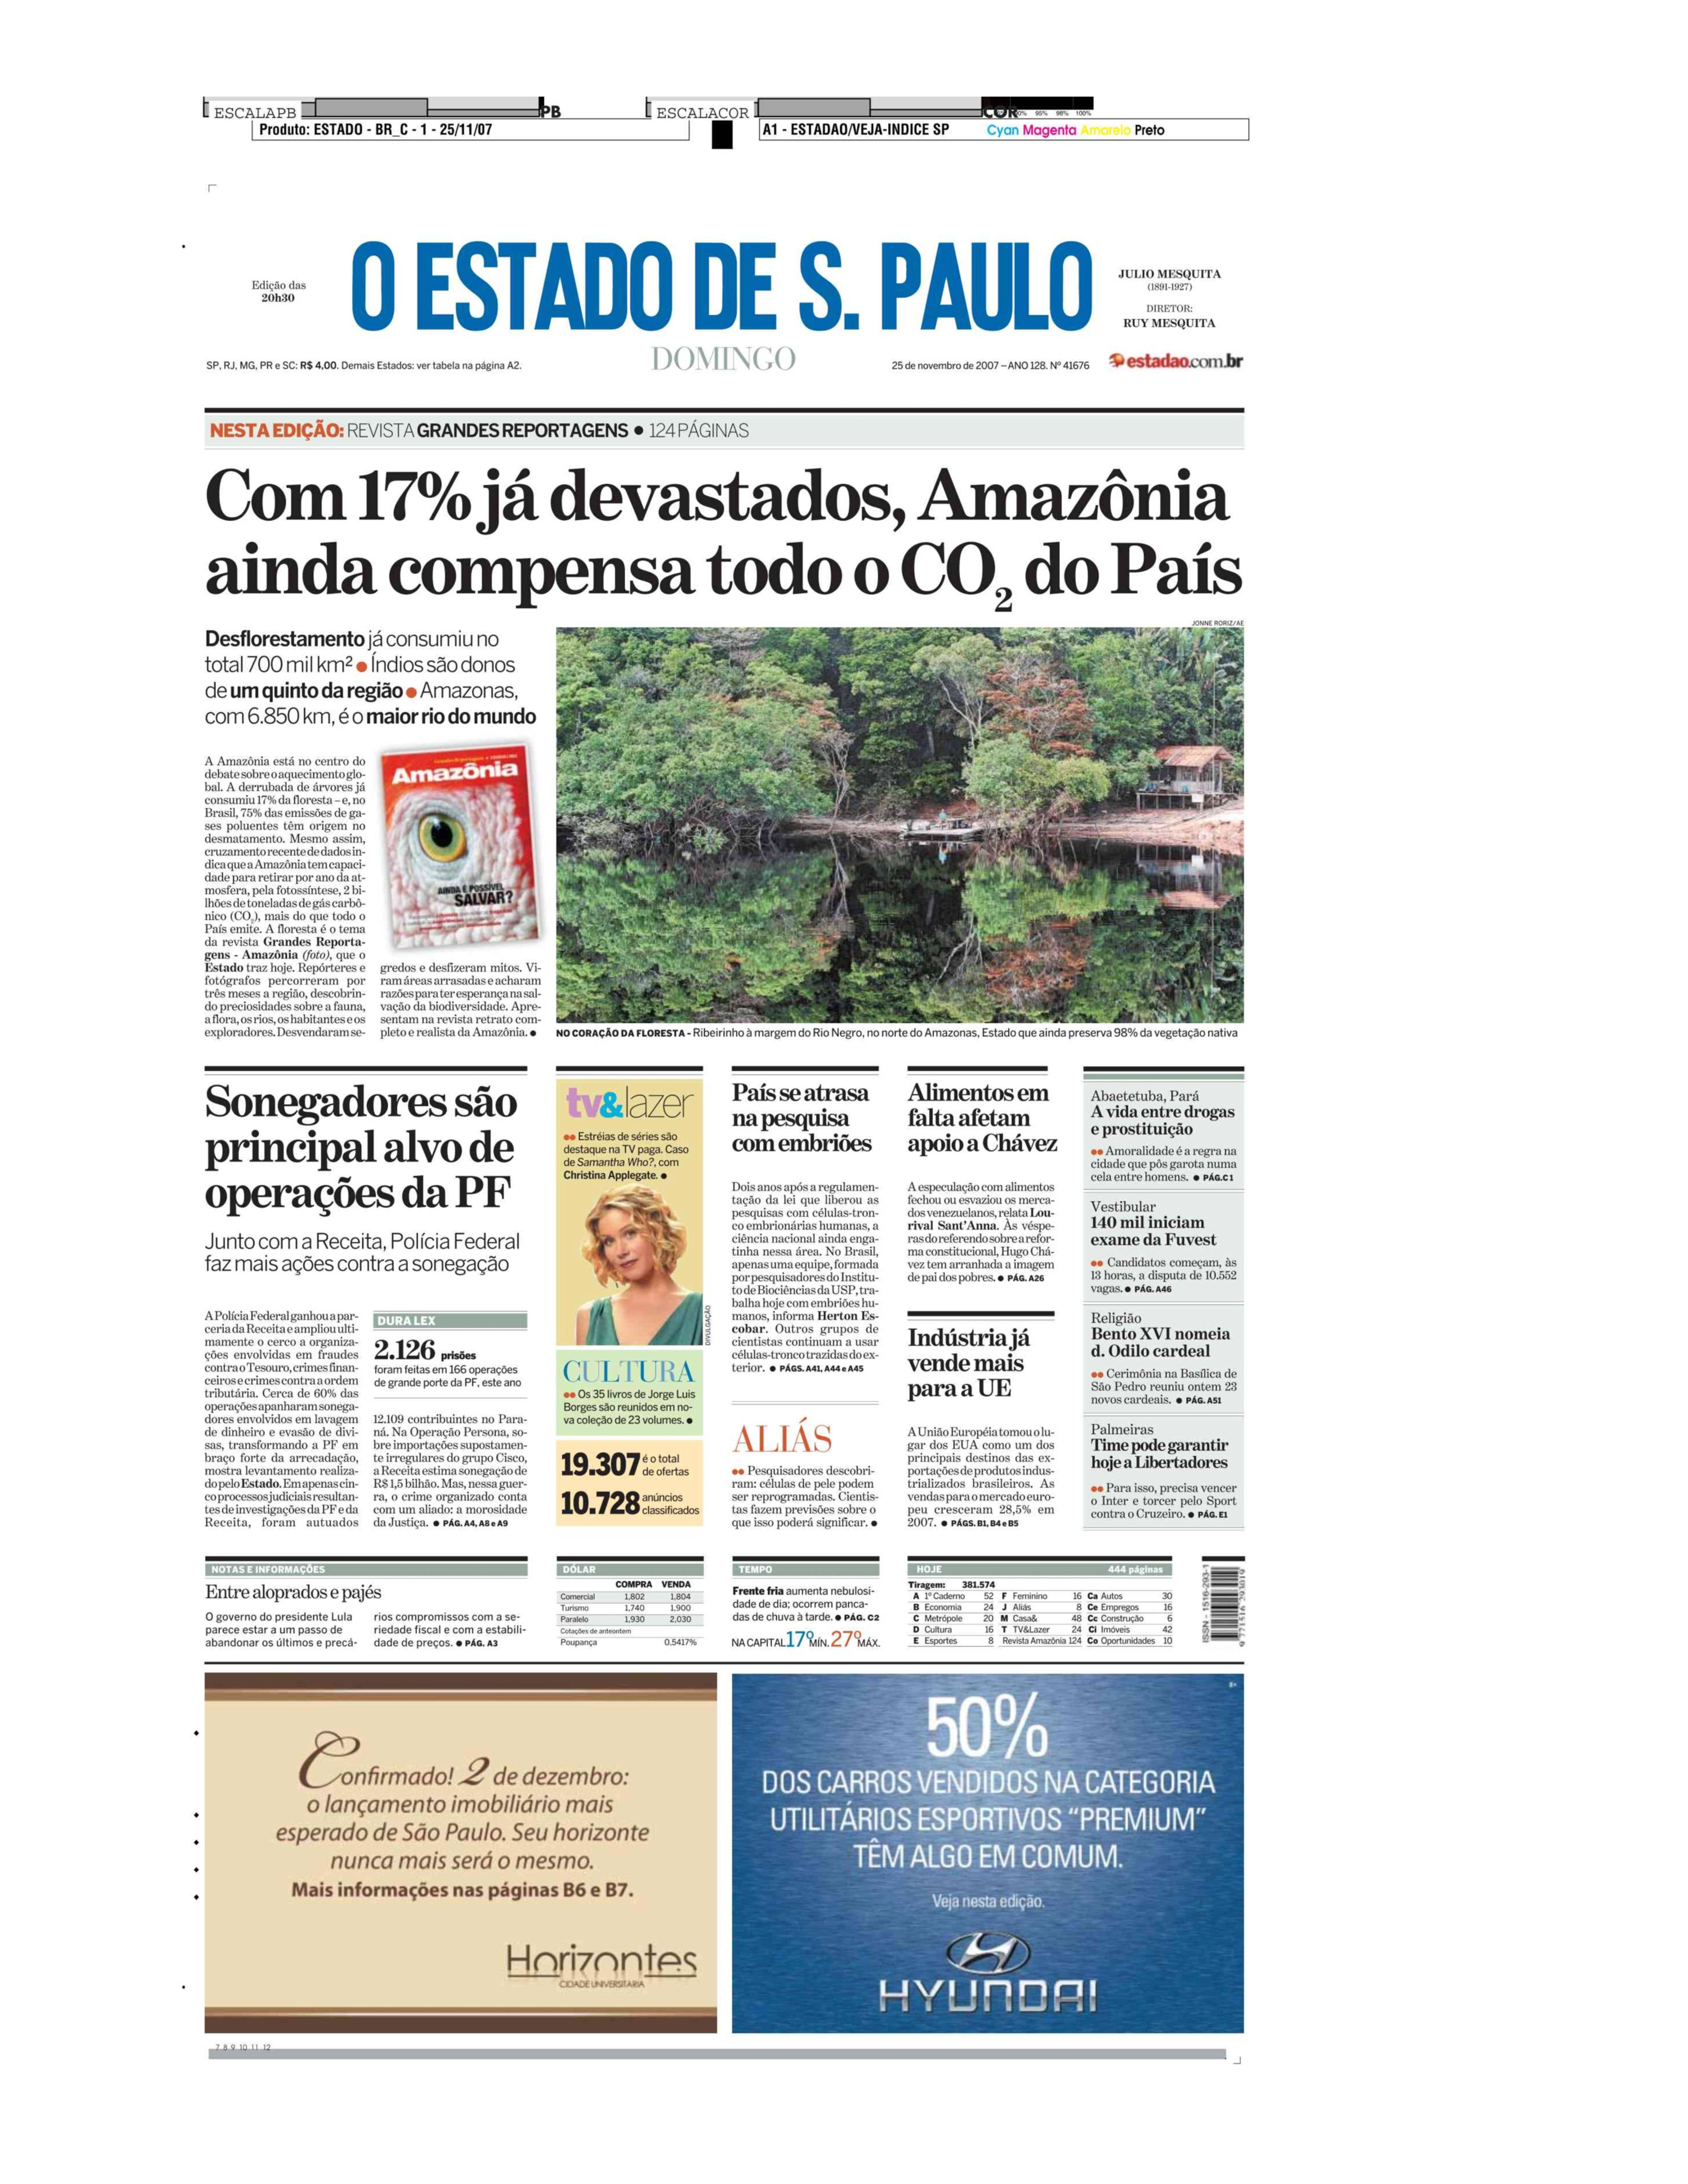 Com 17% desmatado, Amazônia ainda compensa todo o CO2 do país